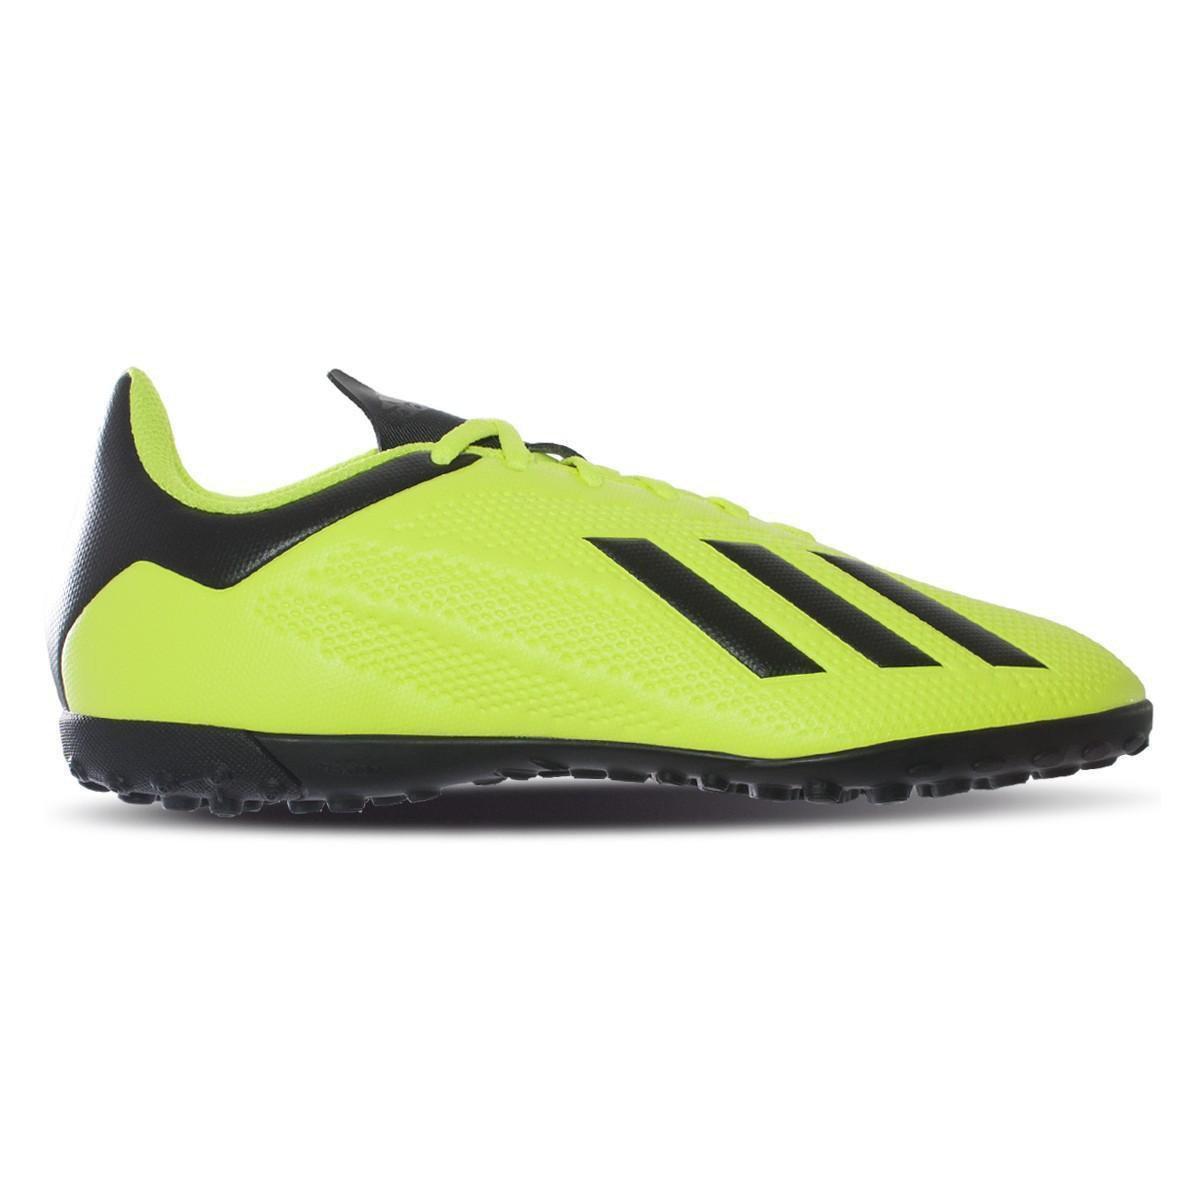 Chuteira Society Adidas X Tango 18 4 TF Masculina 460c0925289b1